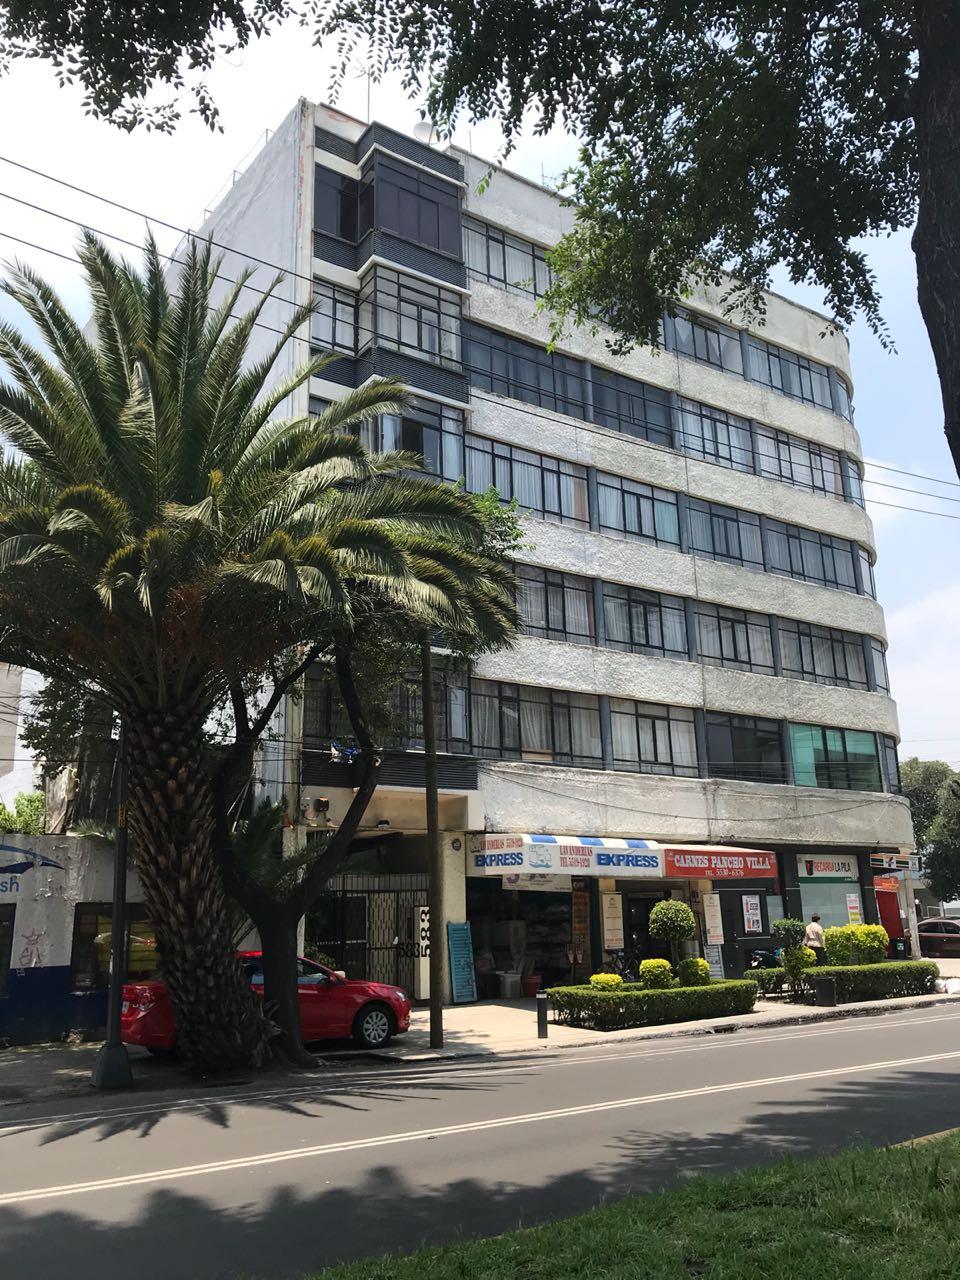 Inmobiliaria gasa inmuebles en ciudad de mexico venta y renta de departamentos casas y terrenos - Inmobiliaria casa 10 ...